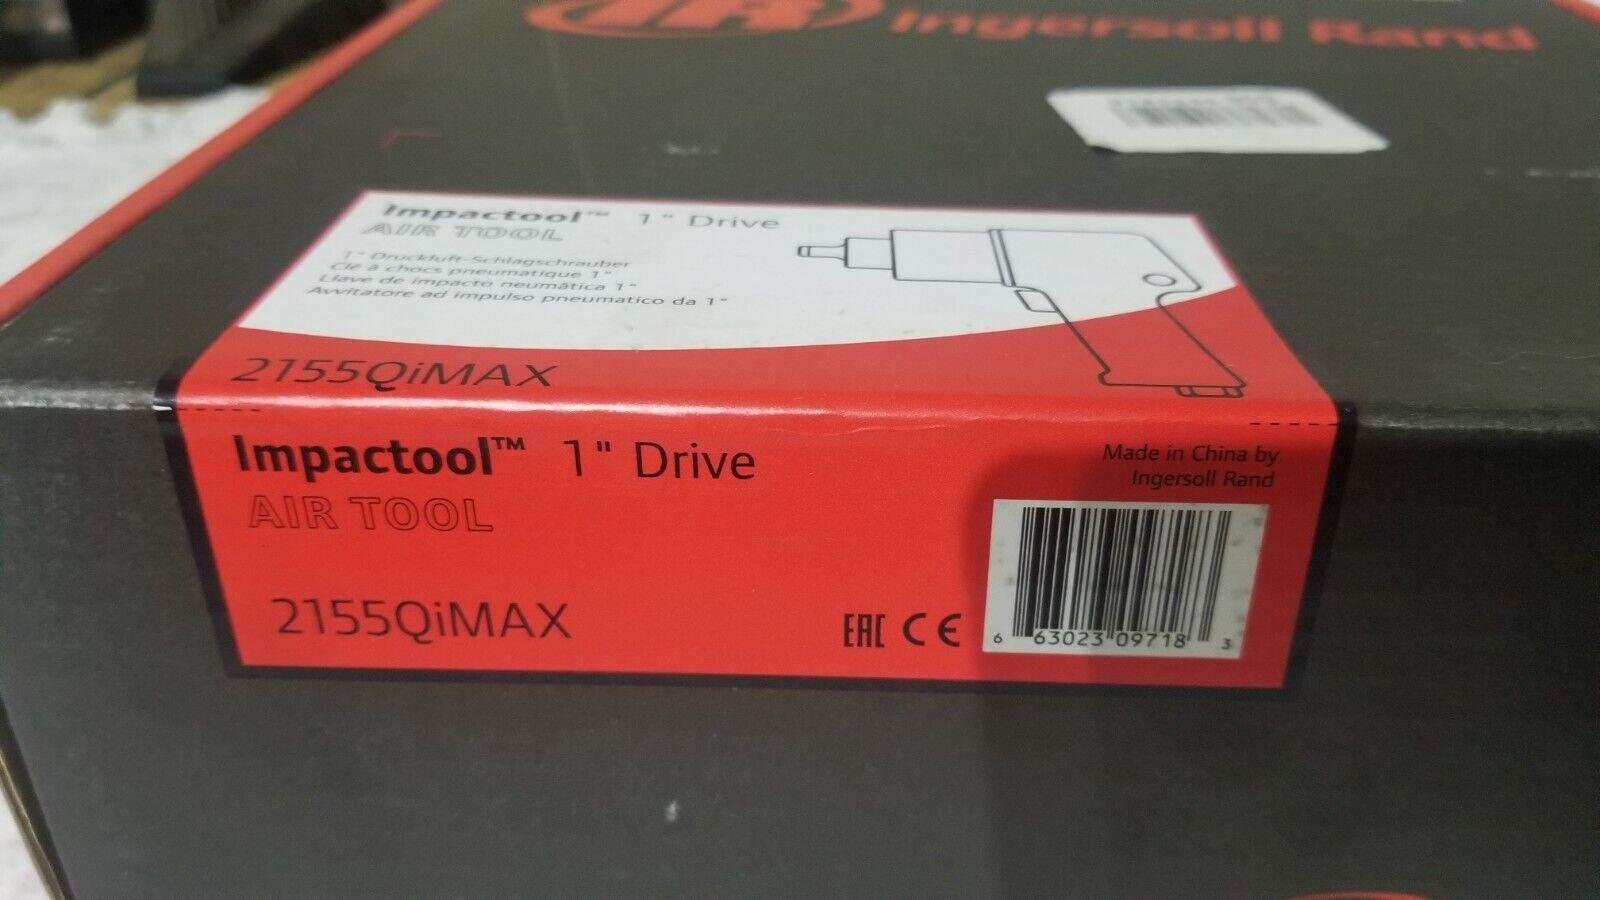 NEW Ingersoll-Rand 2155QiMAX 1